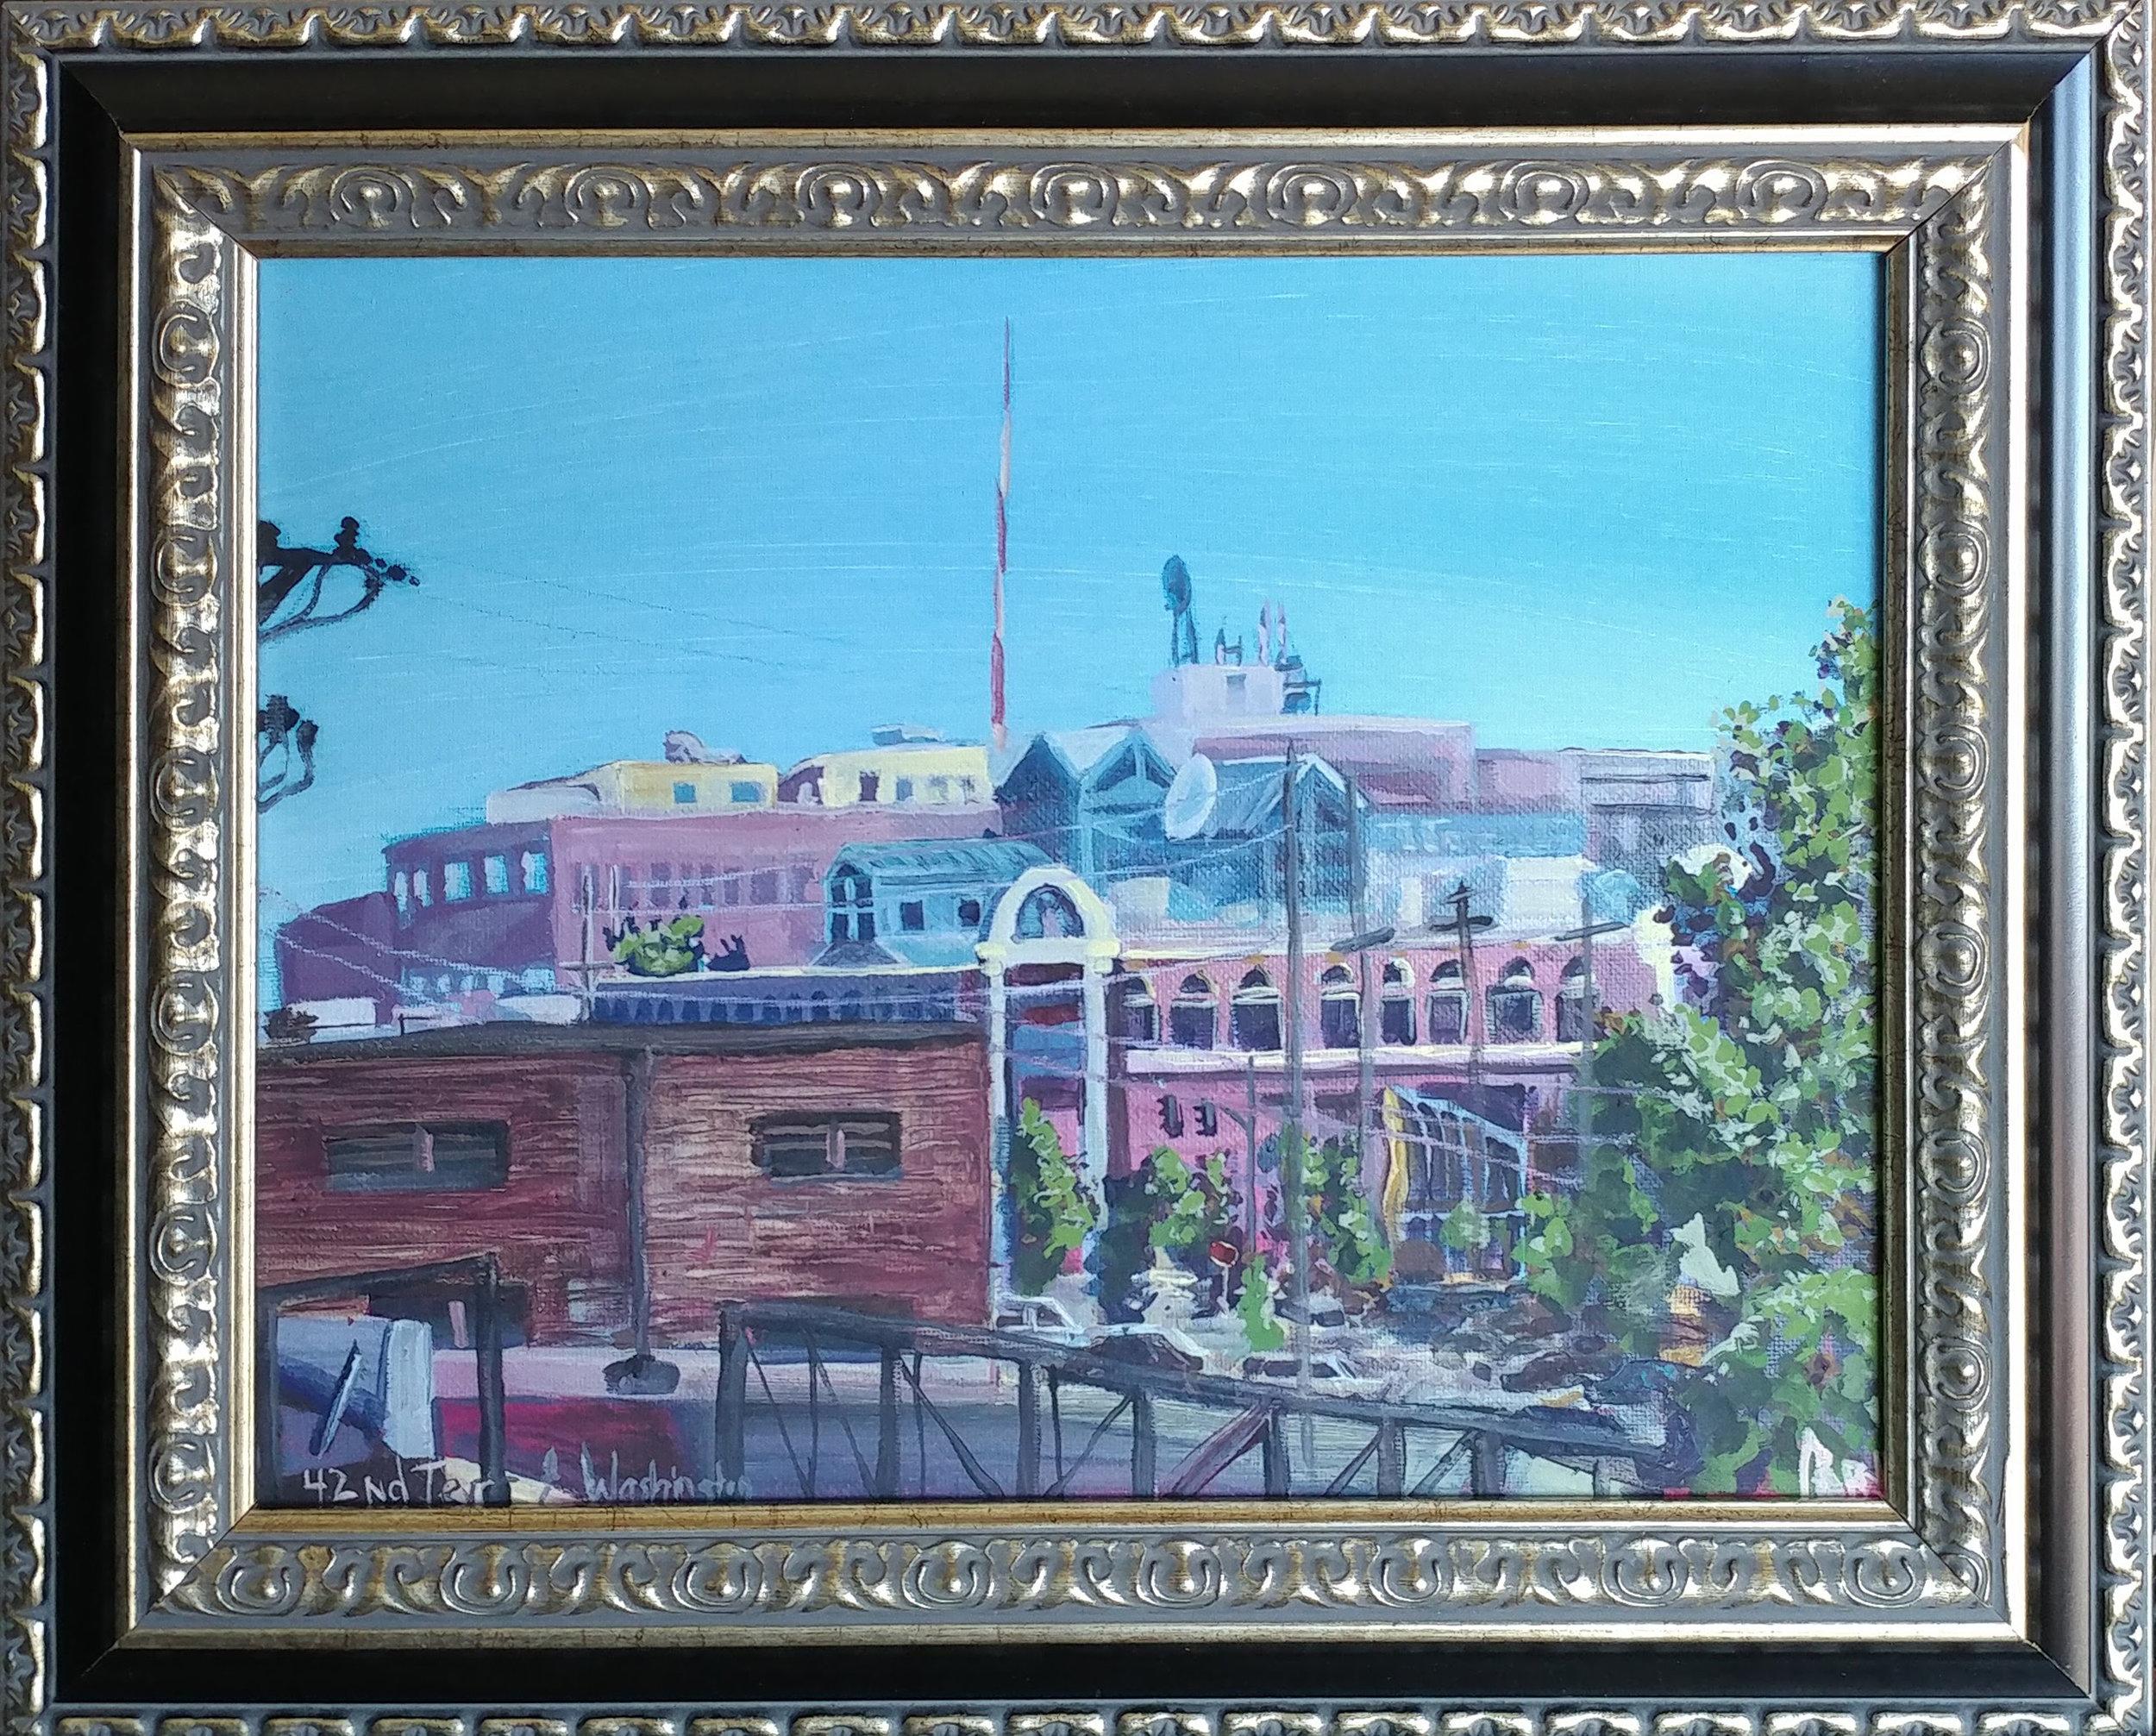 Westport plein air- of Westport entertainment district. Casein on 11X14 canvass, frame is 18x15 inch.